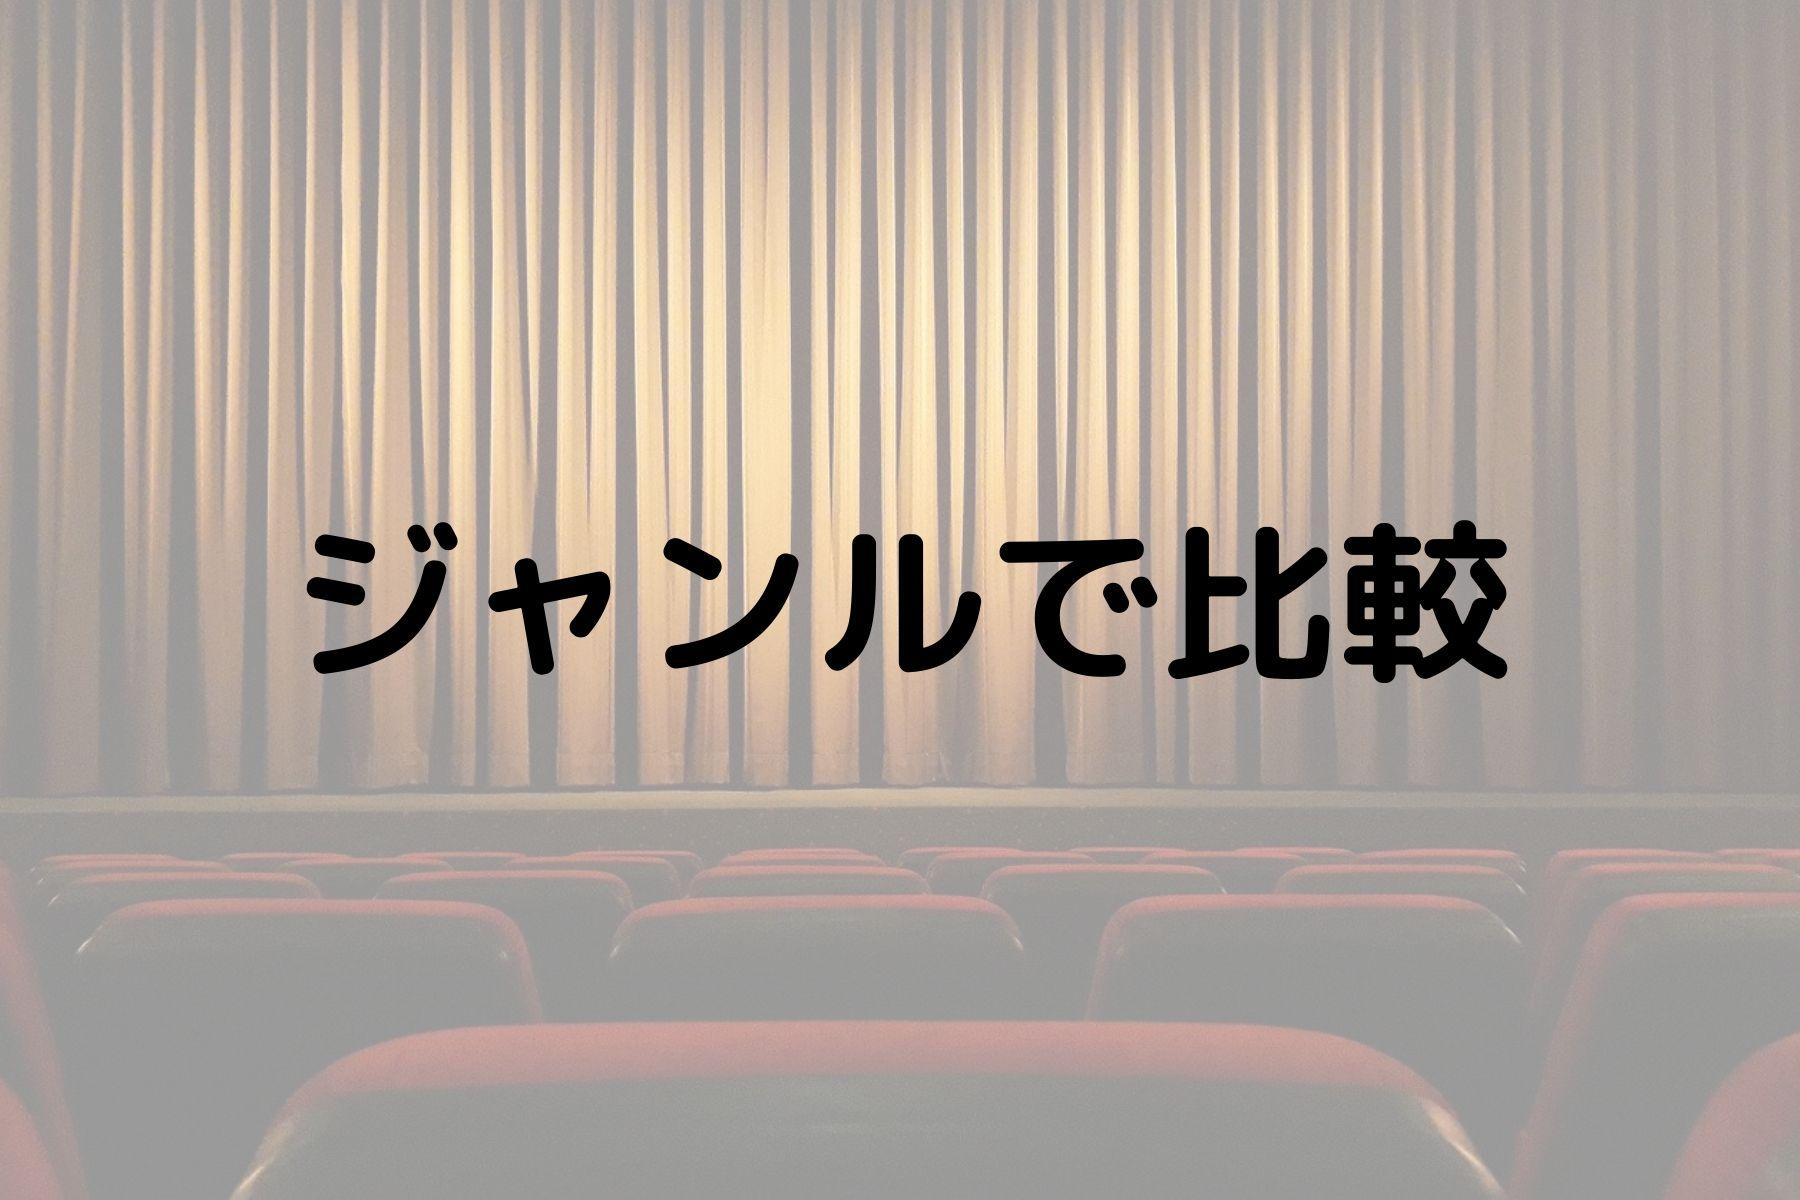 動画配信サービス 〜ジャンル〜